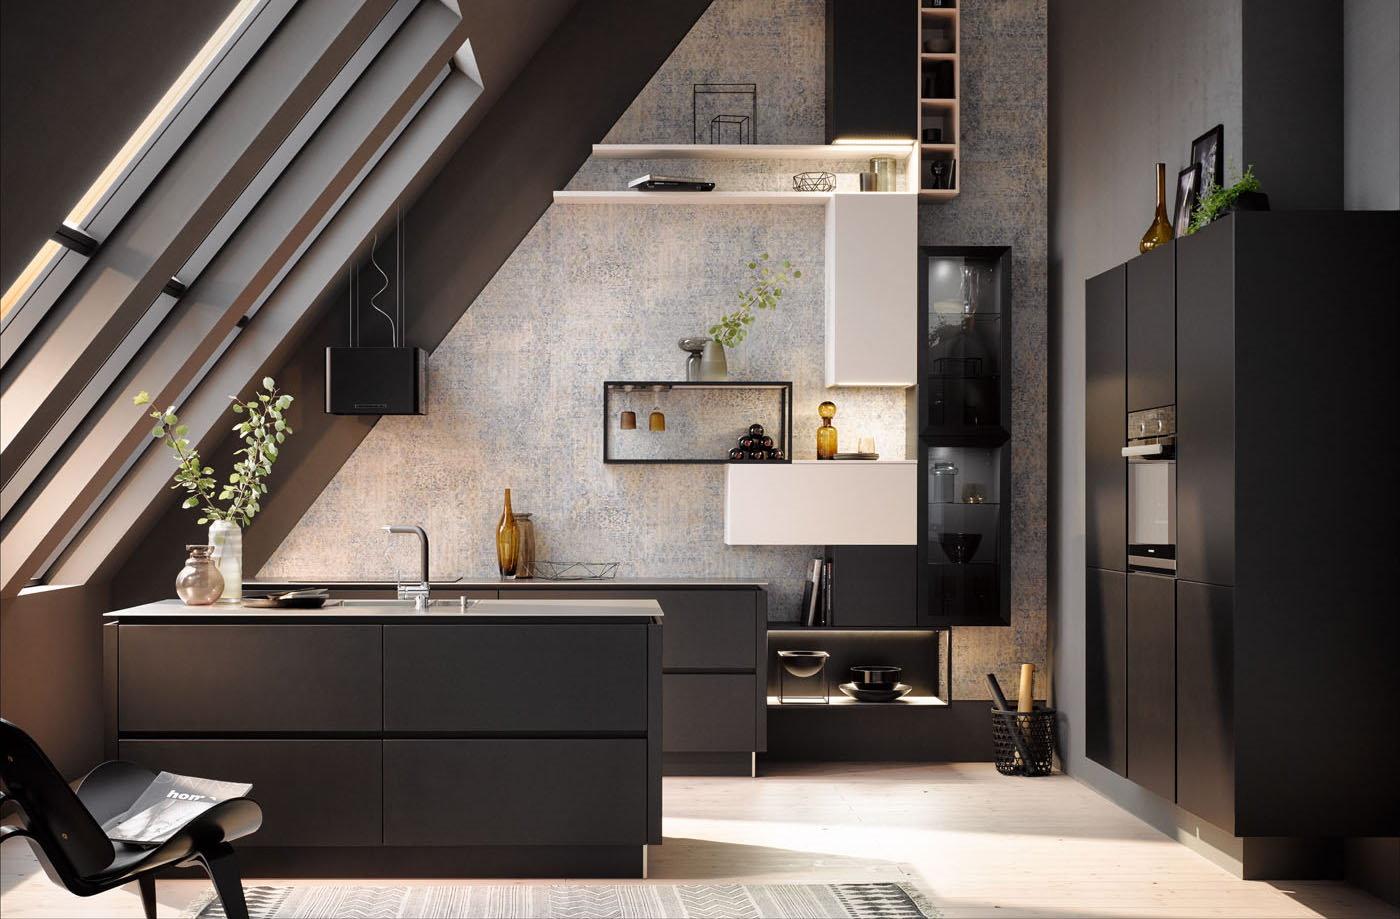 Zwarte keuken parallel opstelling met half hoge kastenwand, Häcker keuken 2035 GL mat zwart lak